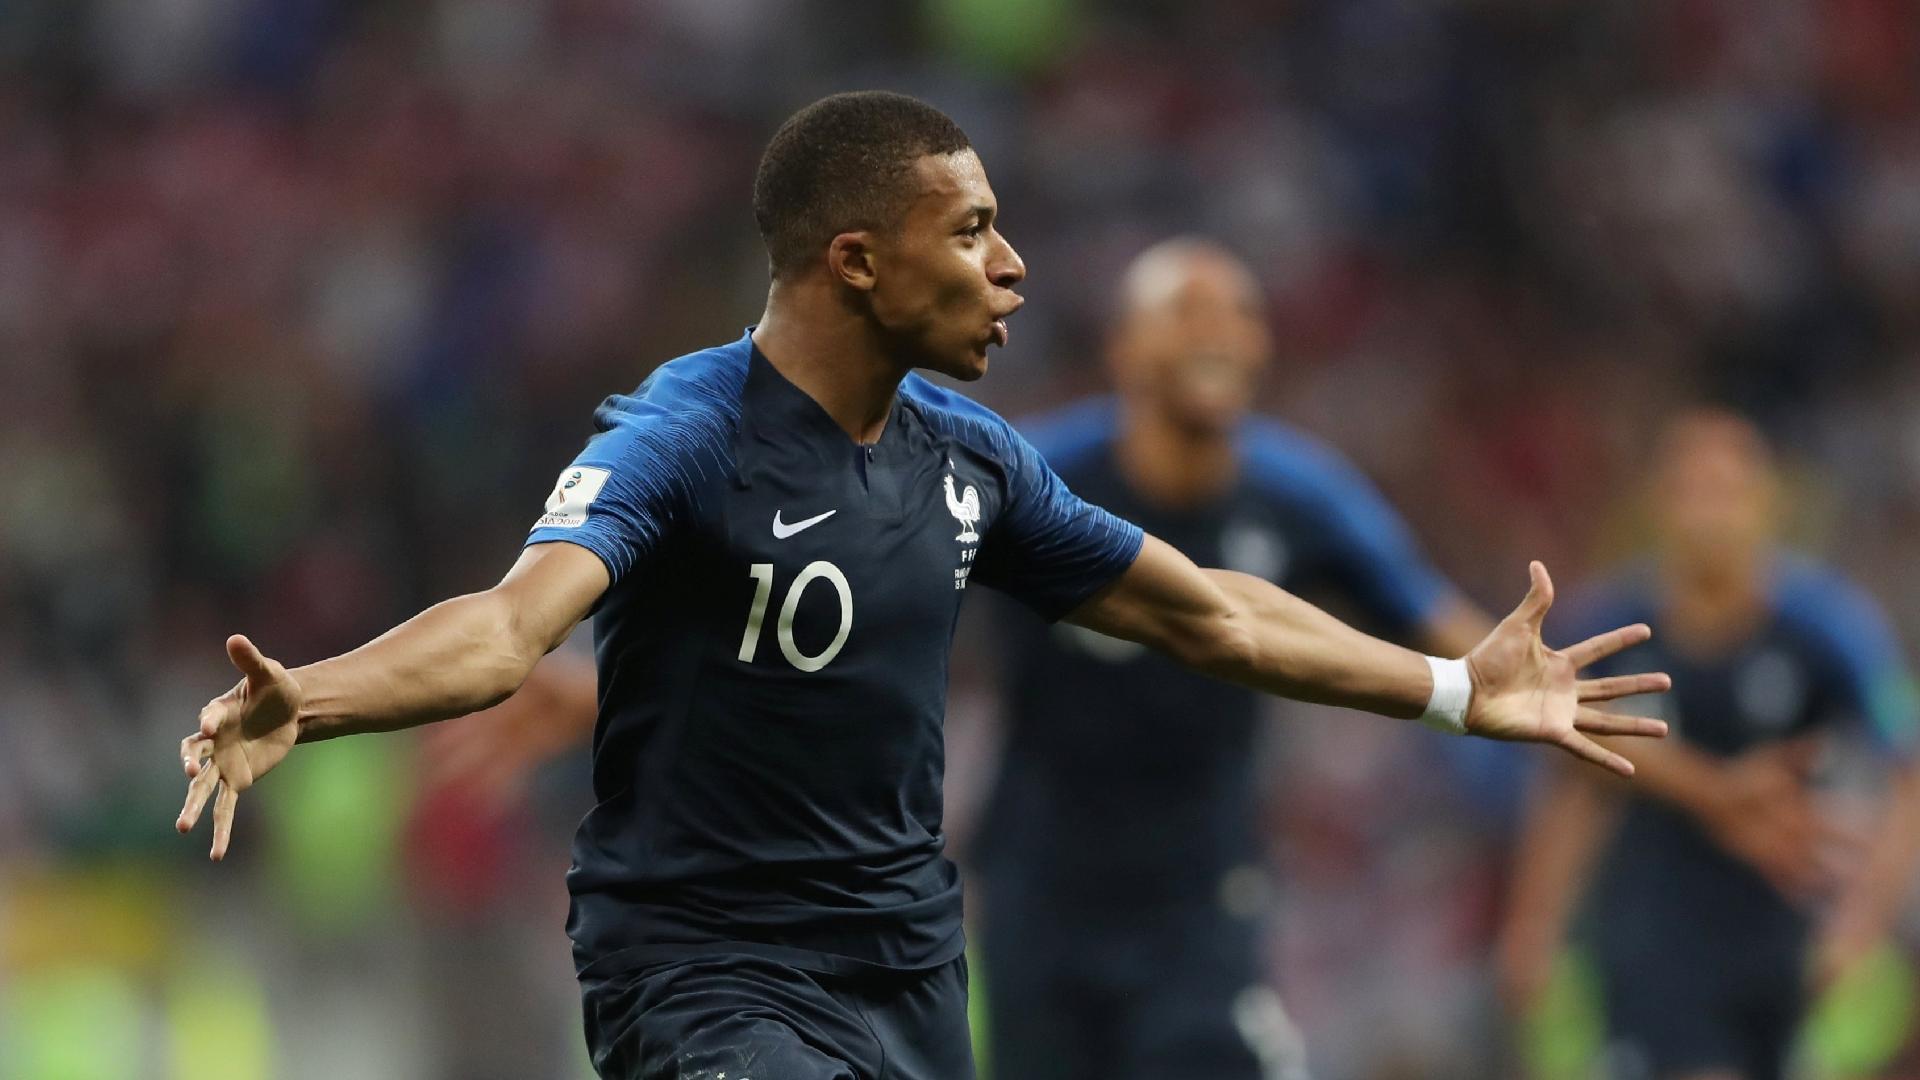 França na Copa 2018  Mbappé iguala Pelé ao marcar em final e é eleito o  melhor jovem da Copa - UOL Copa do Mundo 2018 1528172c5ccc0